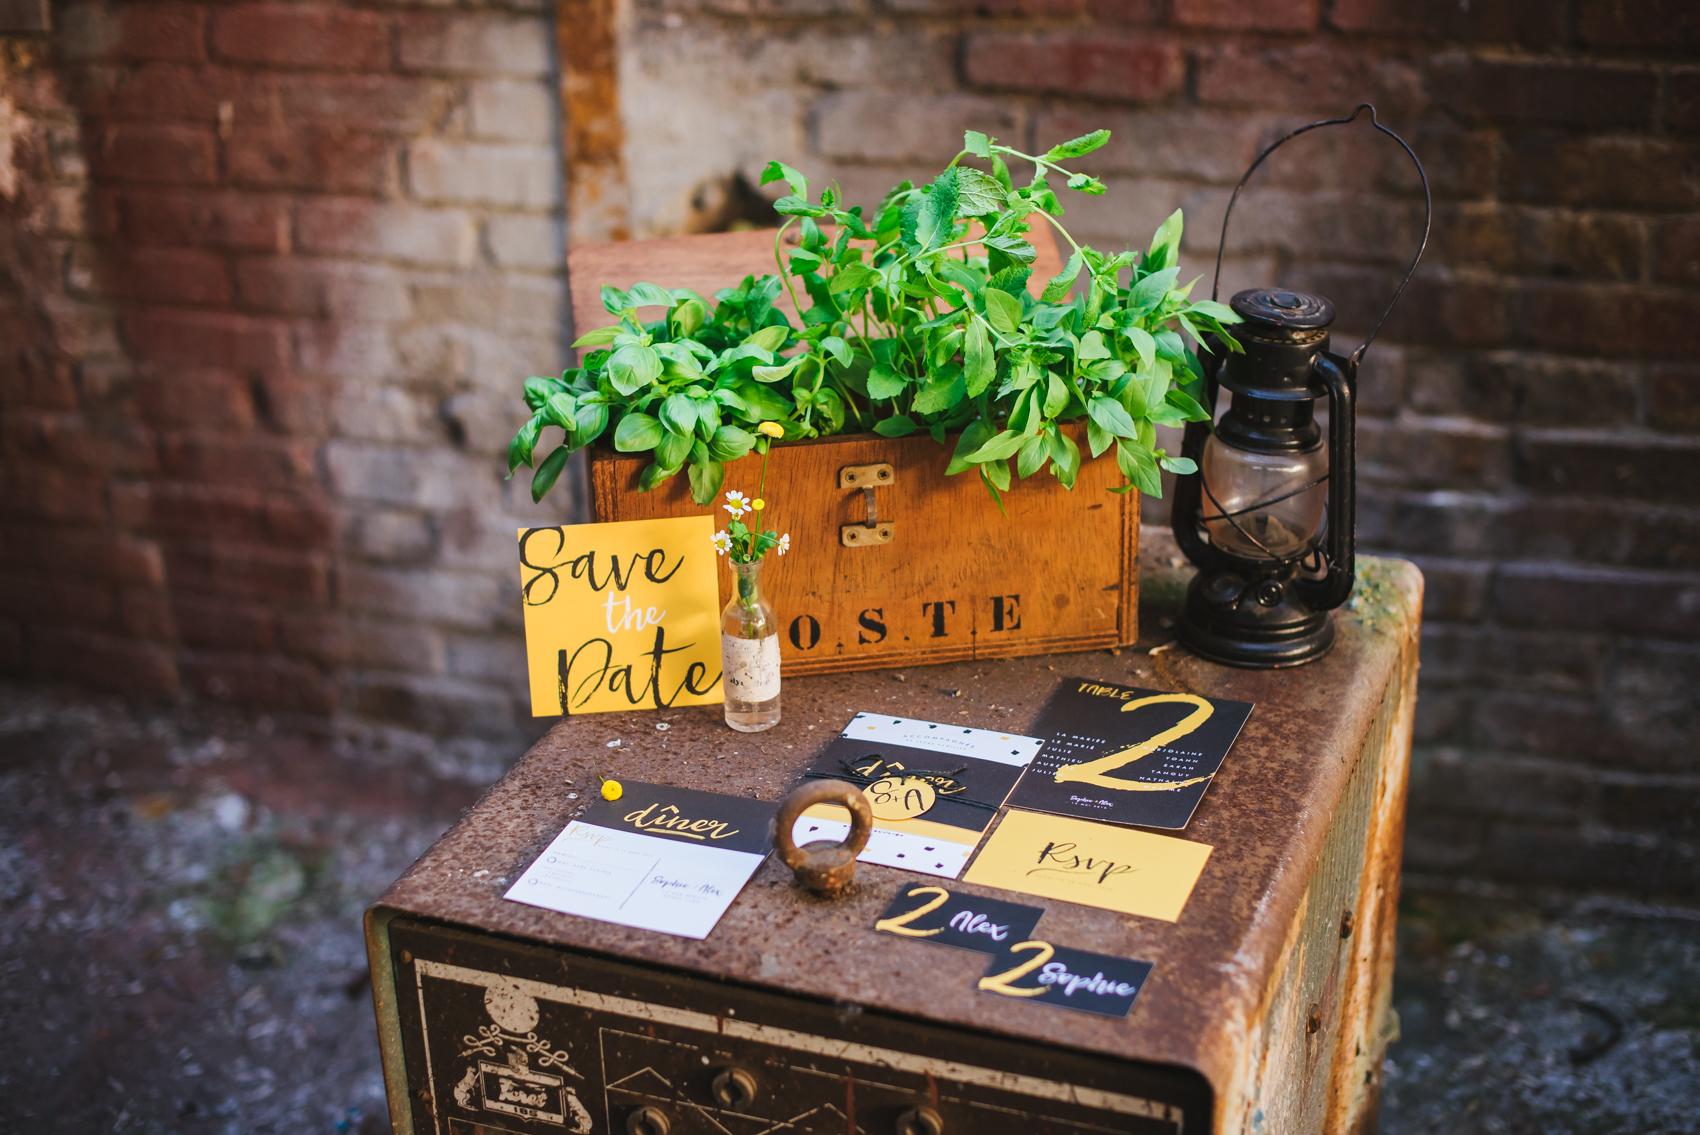 Papeterie de mariage au style industriel - Création Les P'tits Papiers - Photographe : Alexandra Maldémé